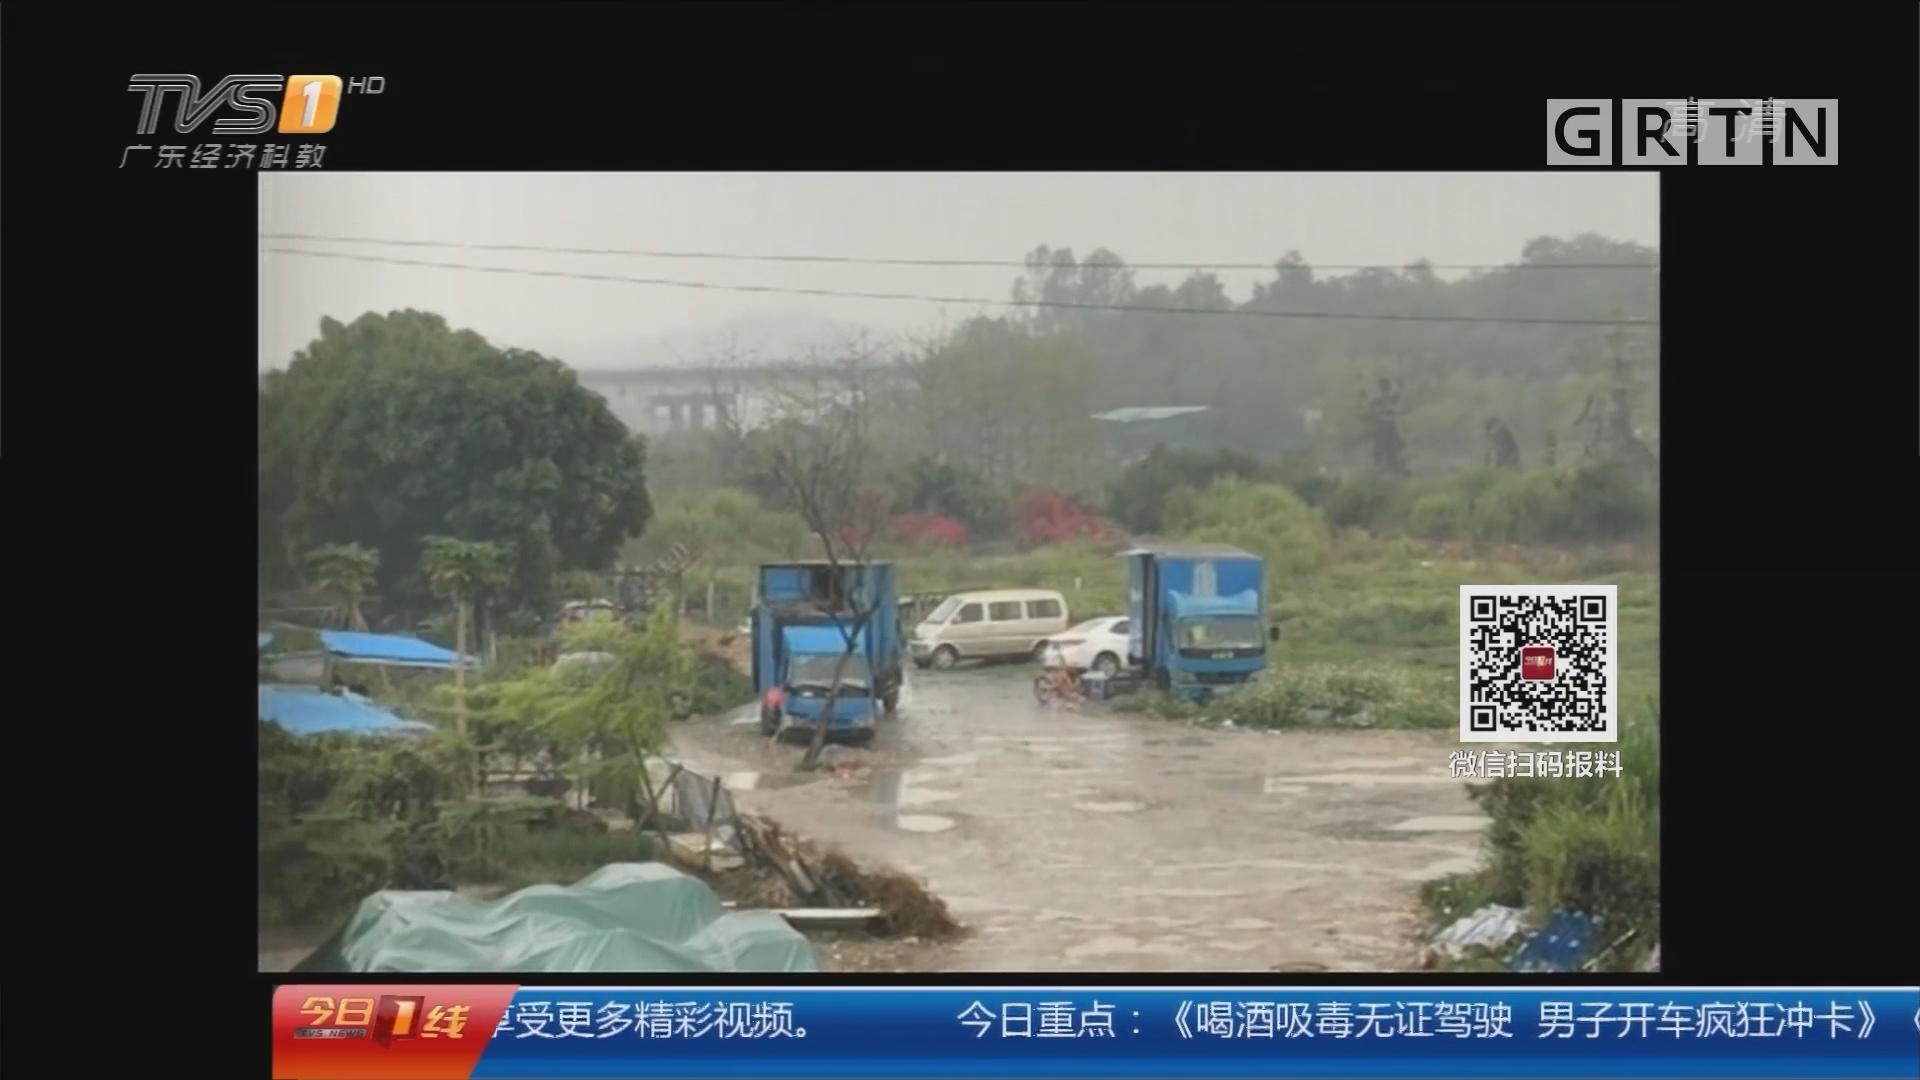 一线独家:深圳非法加油站调查 空地变身黑油站 司机贩卖走私柴油